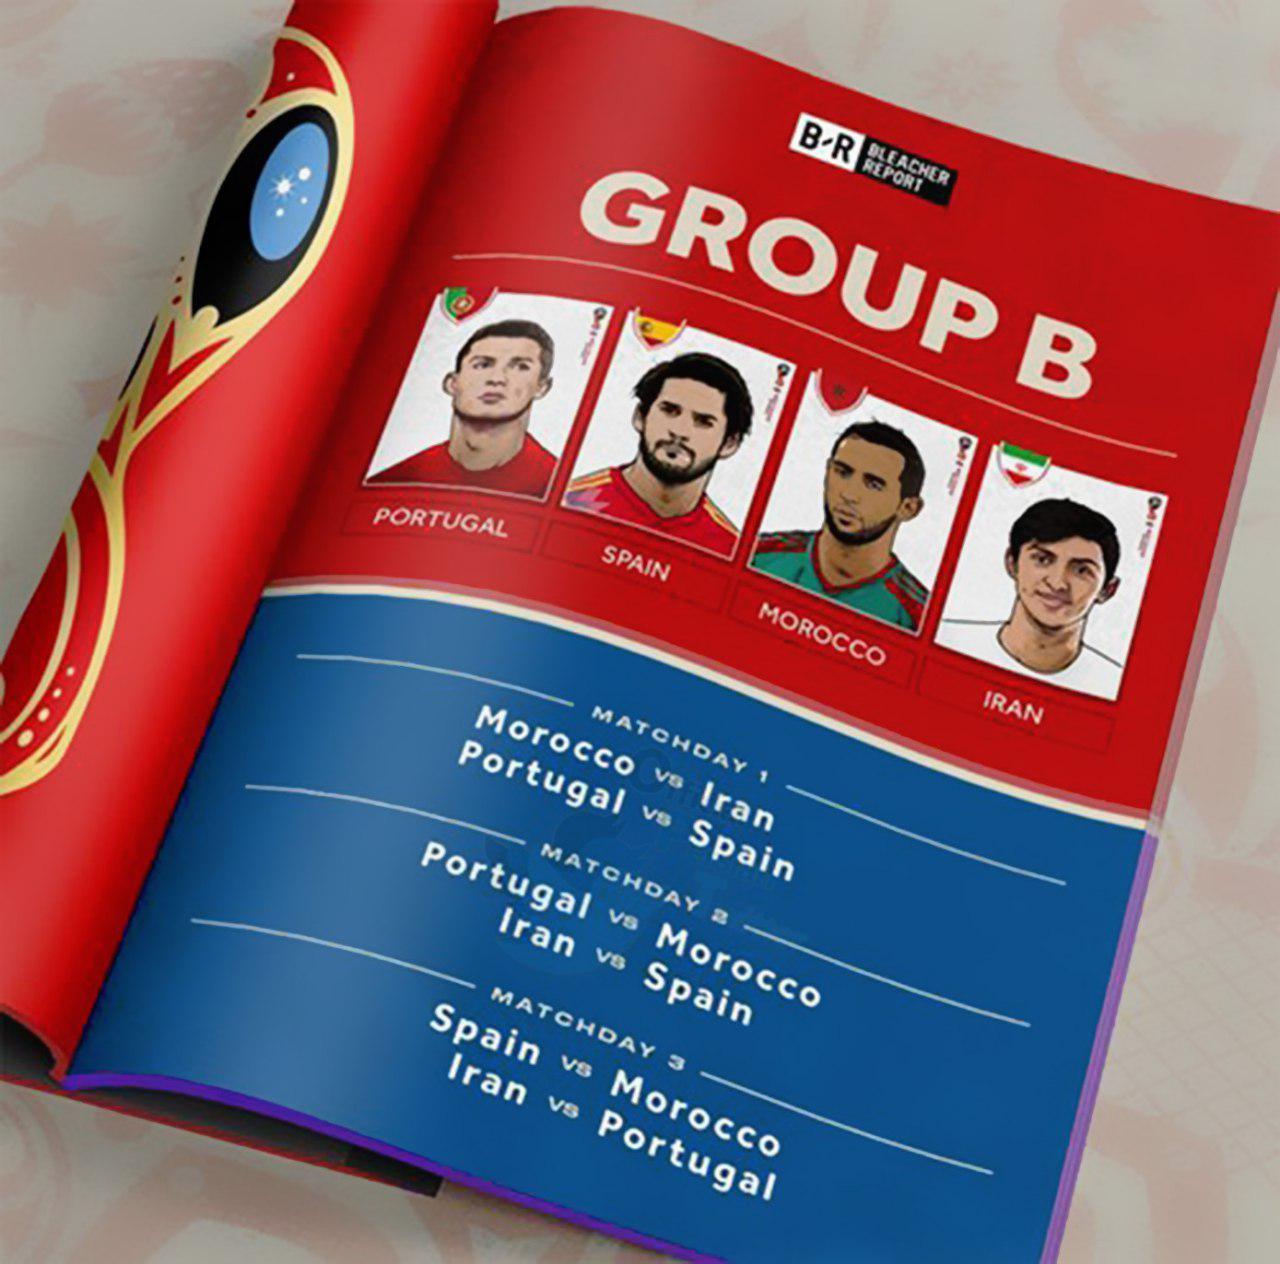 داونلود فوتبال ایران و مراکش جام جهانی ۲۰۱۸ روسیه